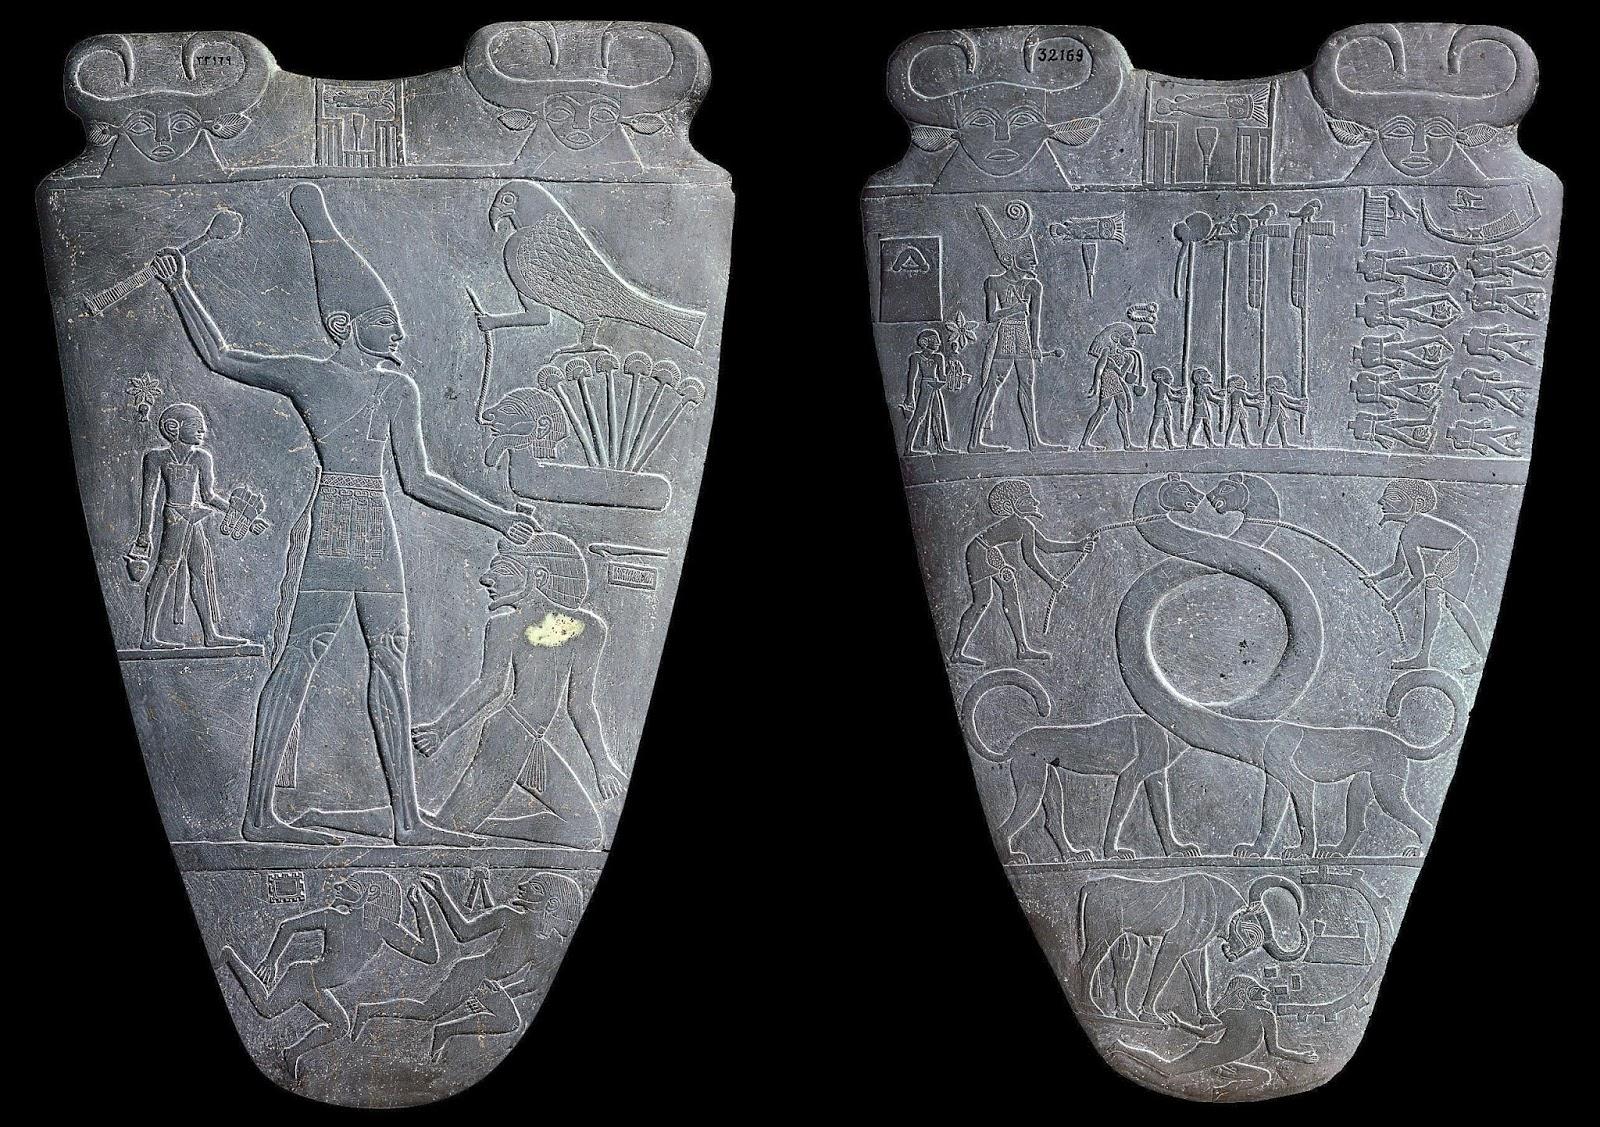 La Paleta de Narmer relata una victoria del rey Narmer sobre sus enemigos. Aquí vemos al faraón golpeando a uno de esos enemigos